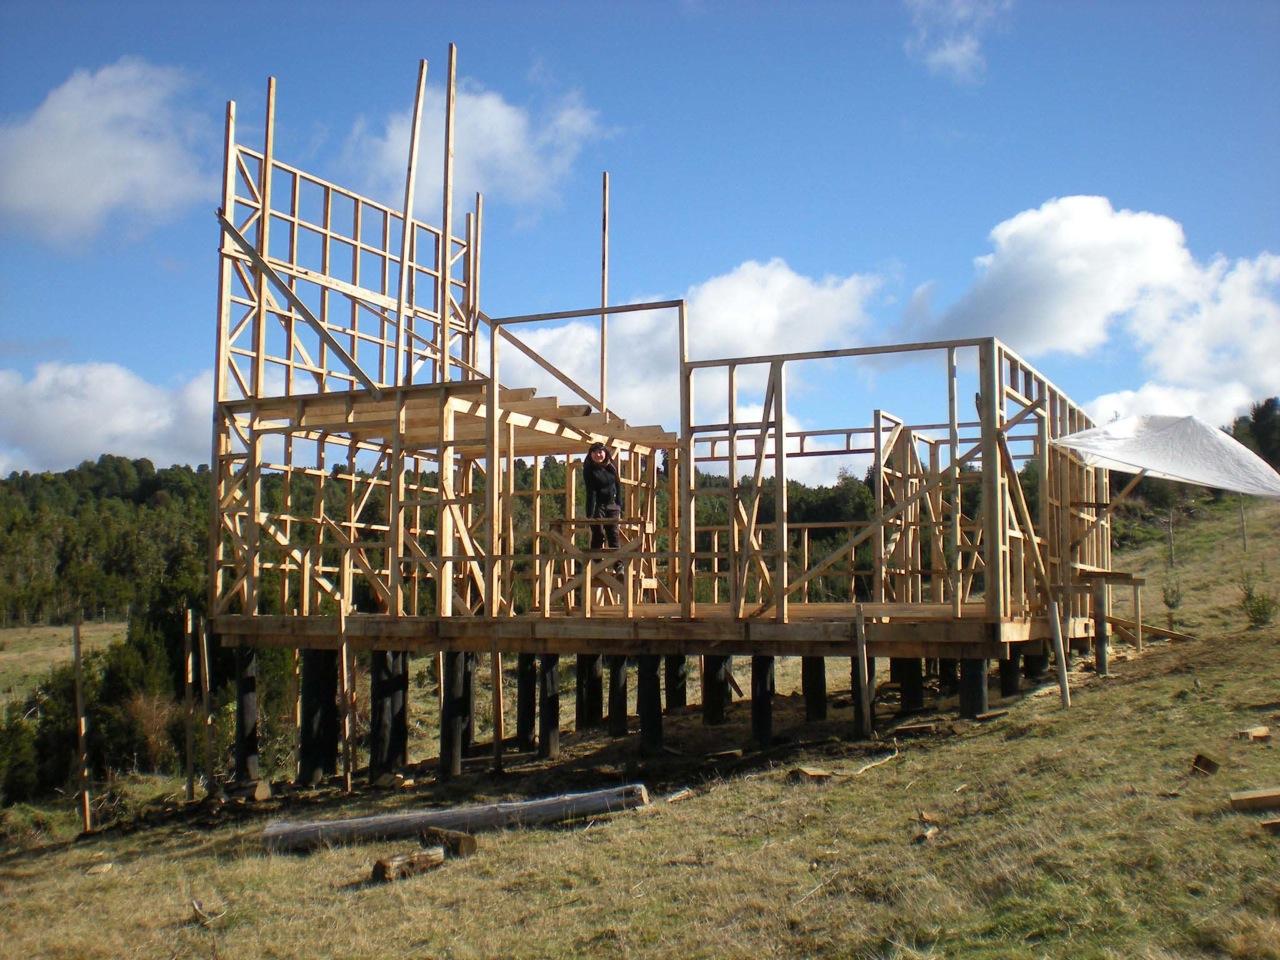 Galer a en construcci n casa refugio en trincao chilo - Maison ribatejo y atelier nuno lacerda lopes ...